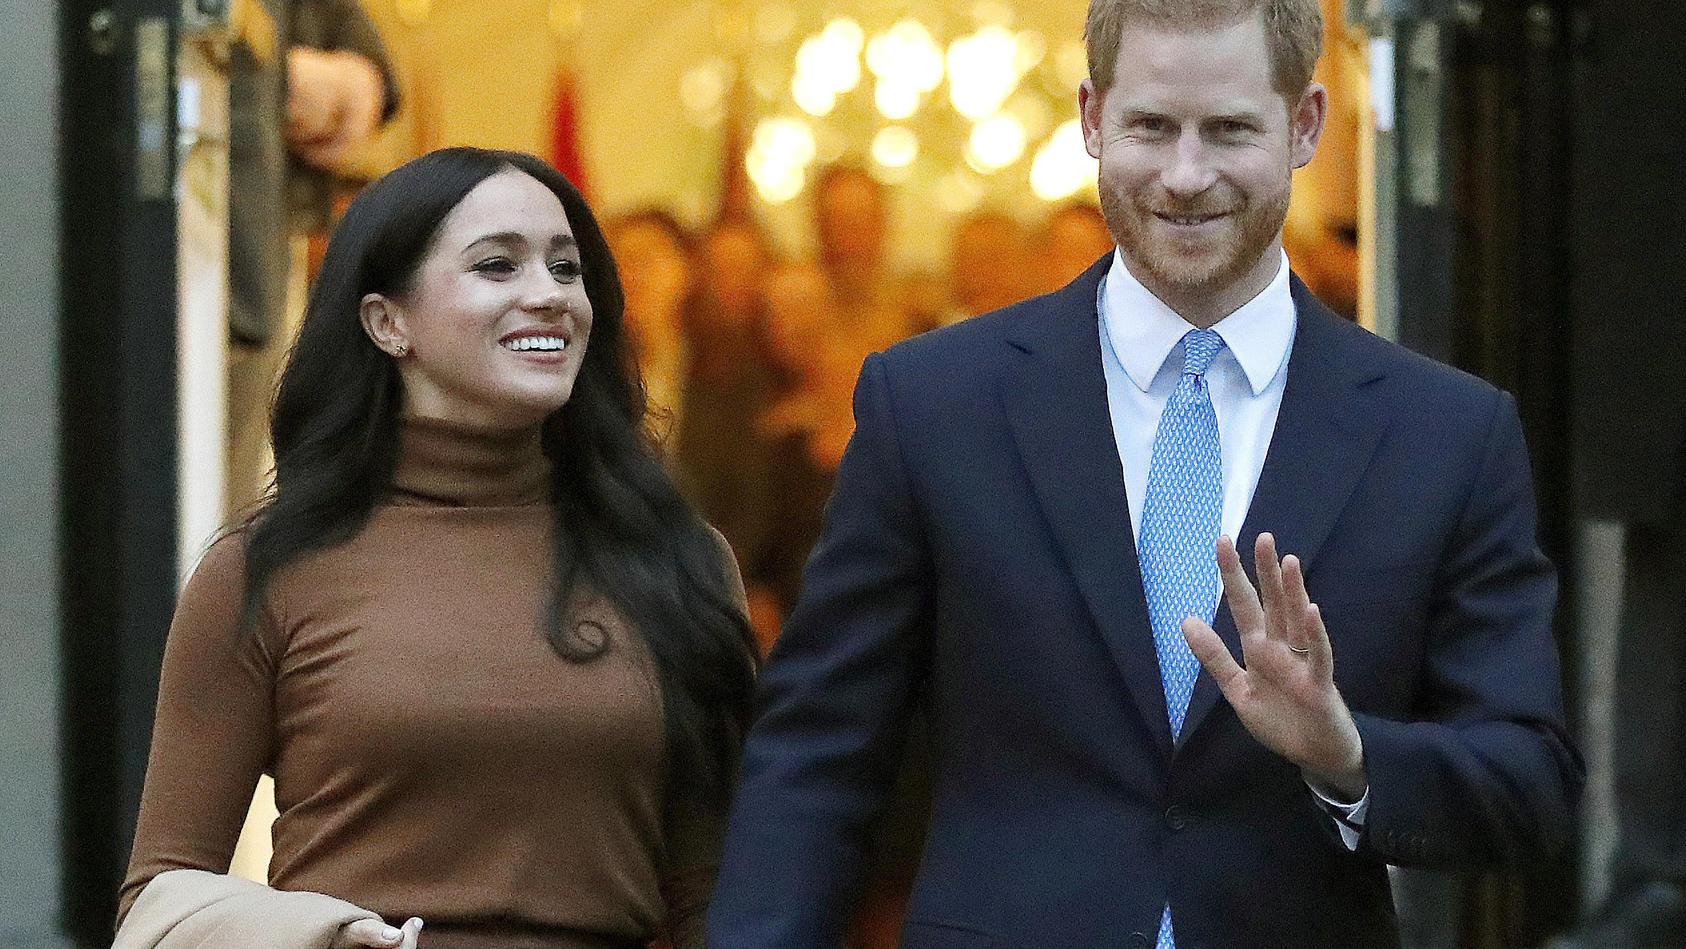 Herzogin Meghan (39) und Prinz Harry (36)  haben ihr erstes Thanksgiving-Fest in den USA gefeiert.